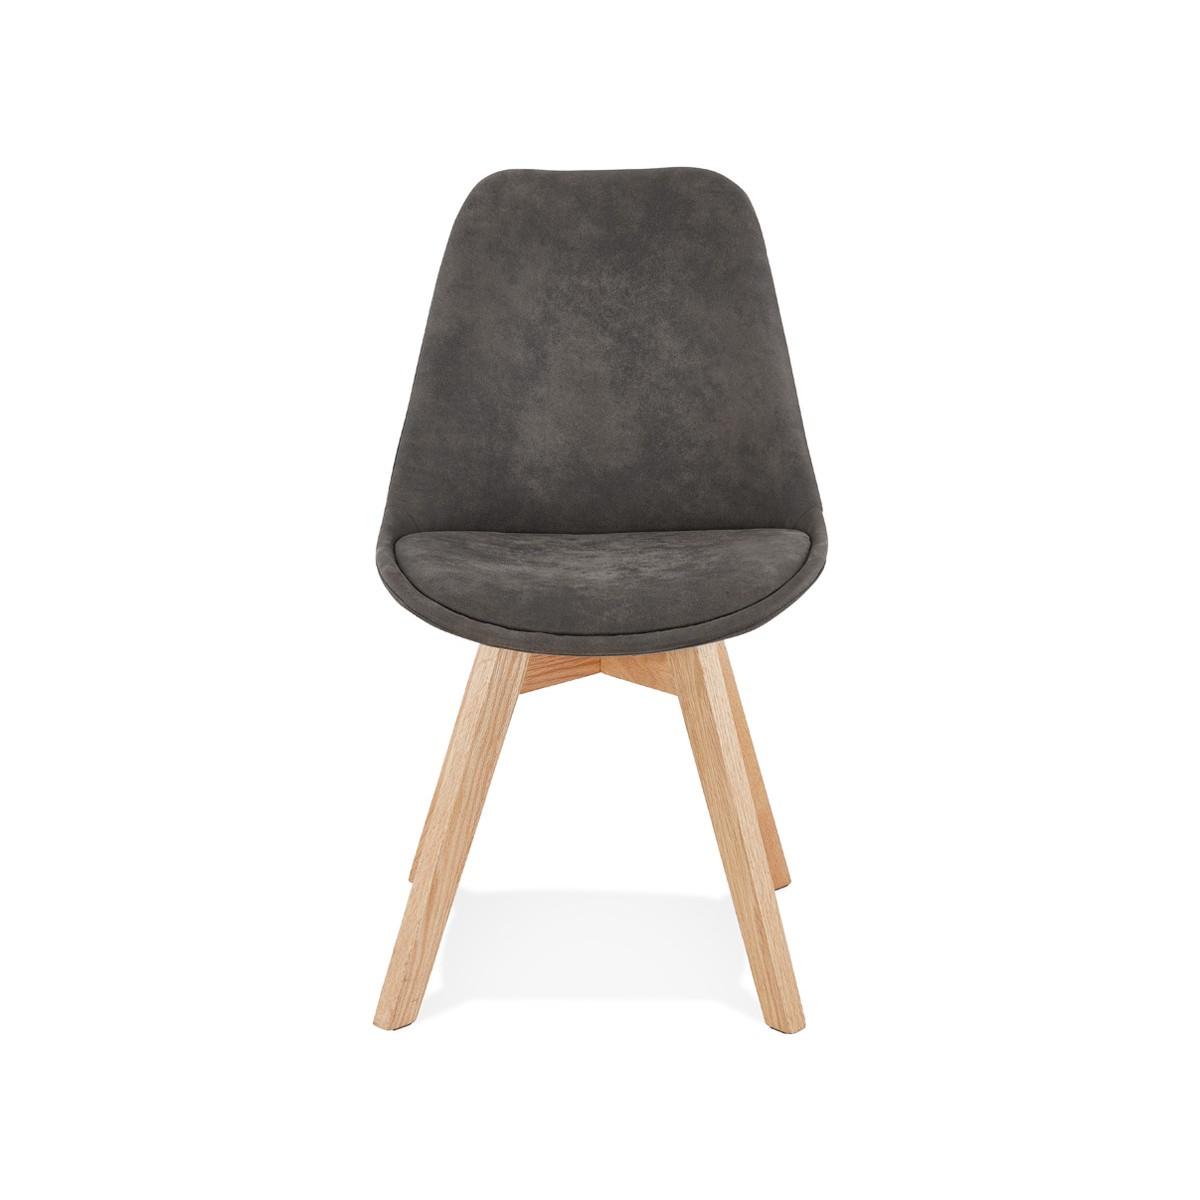 chaise de bureau N//A Lot de 4 chaises r/étro en polyur/éthane avec coussin en bois naturel 72*47*48 chaise de salle /à manger blanc chaise de loisirs chaise de n/égociation chaise de salle /à manger